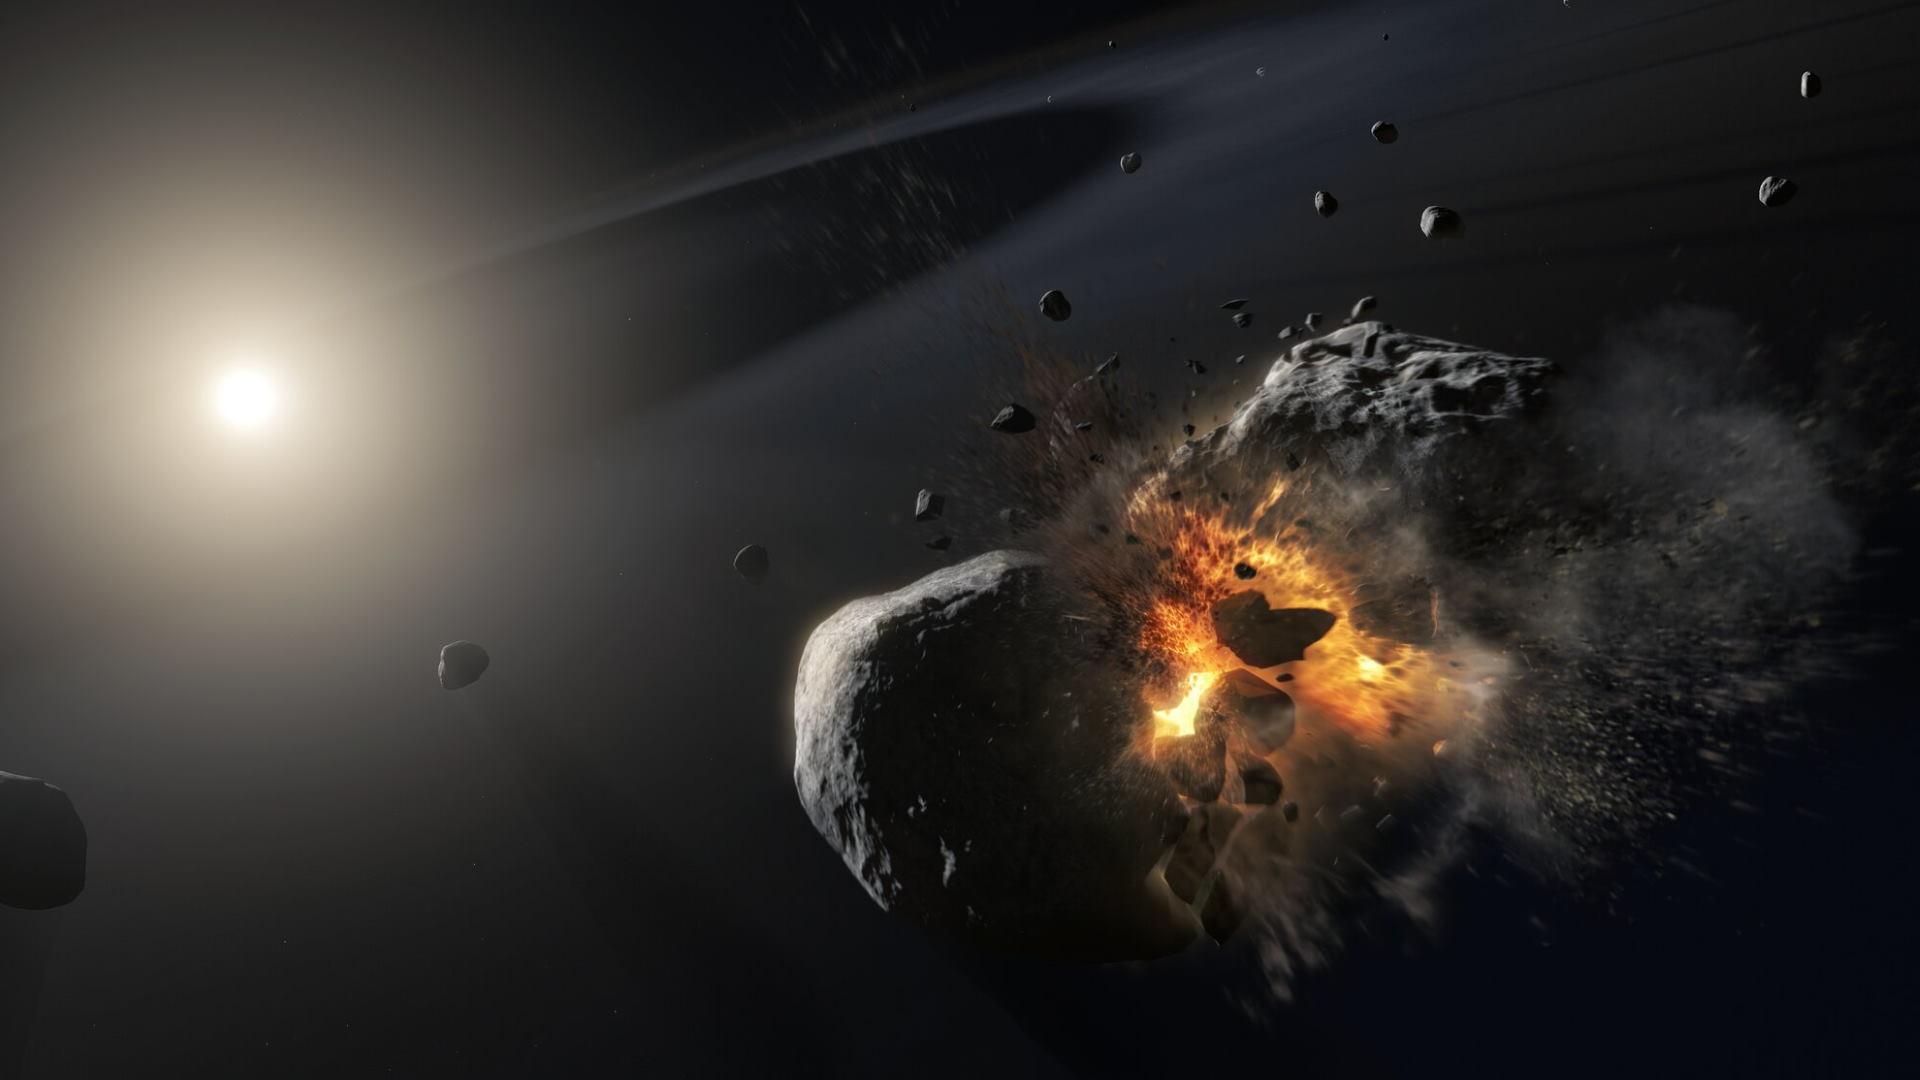 Исчезнувшая планета: как вместо одного открытия астрономы совершили другое